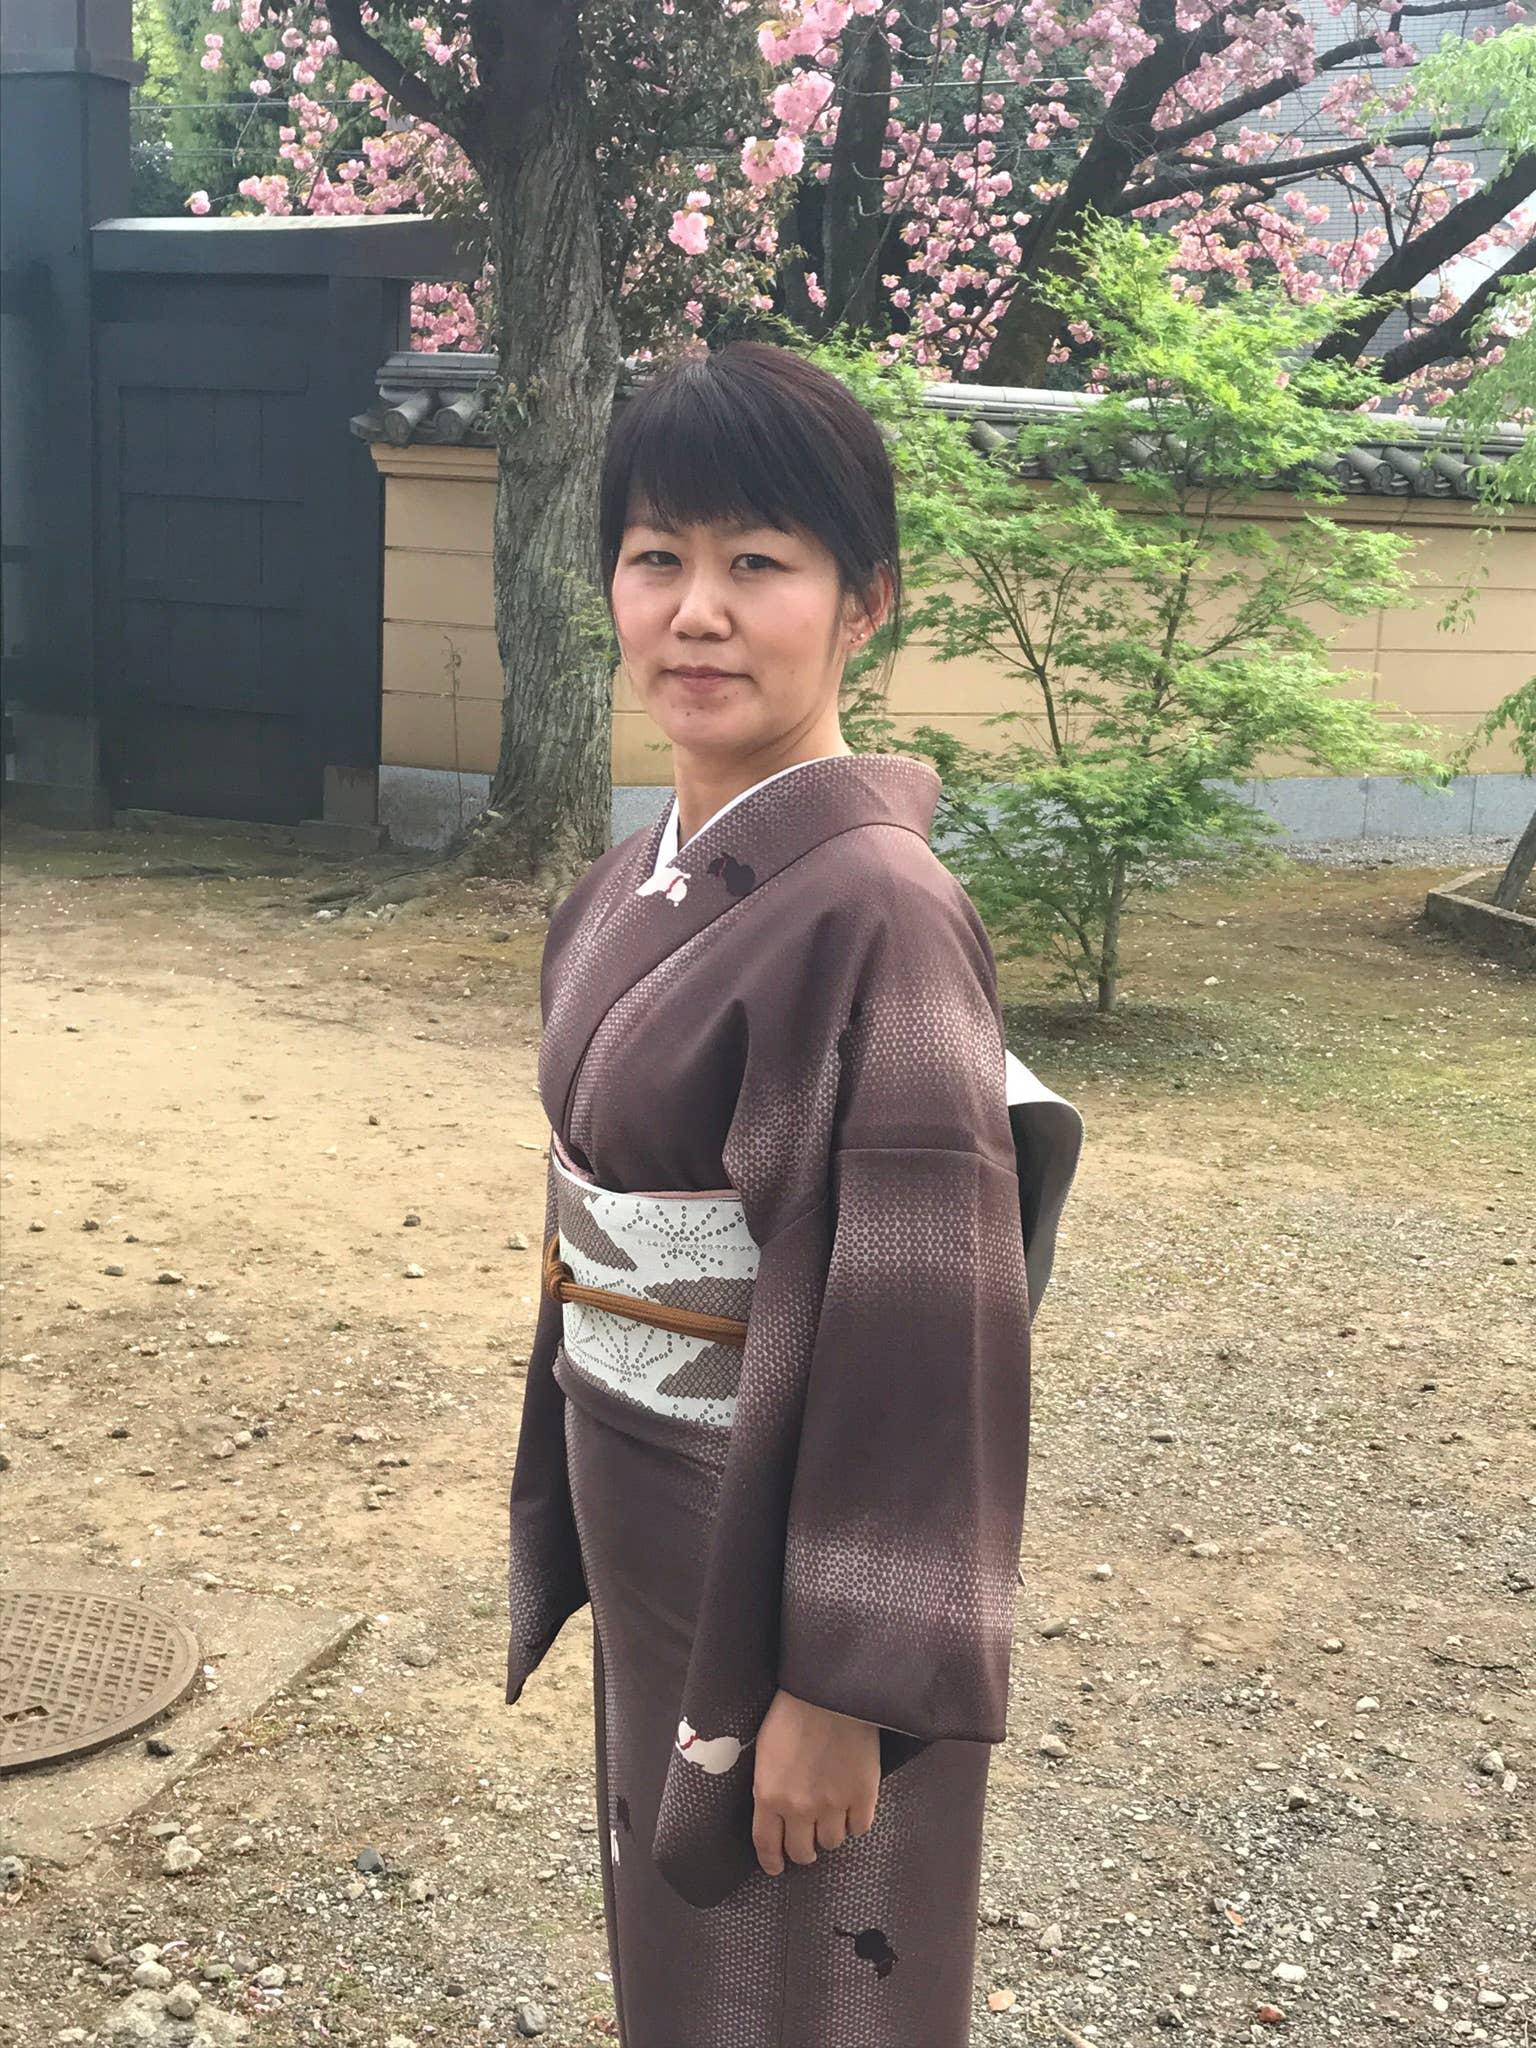 Hiromi Sagara